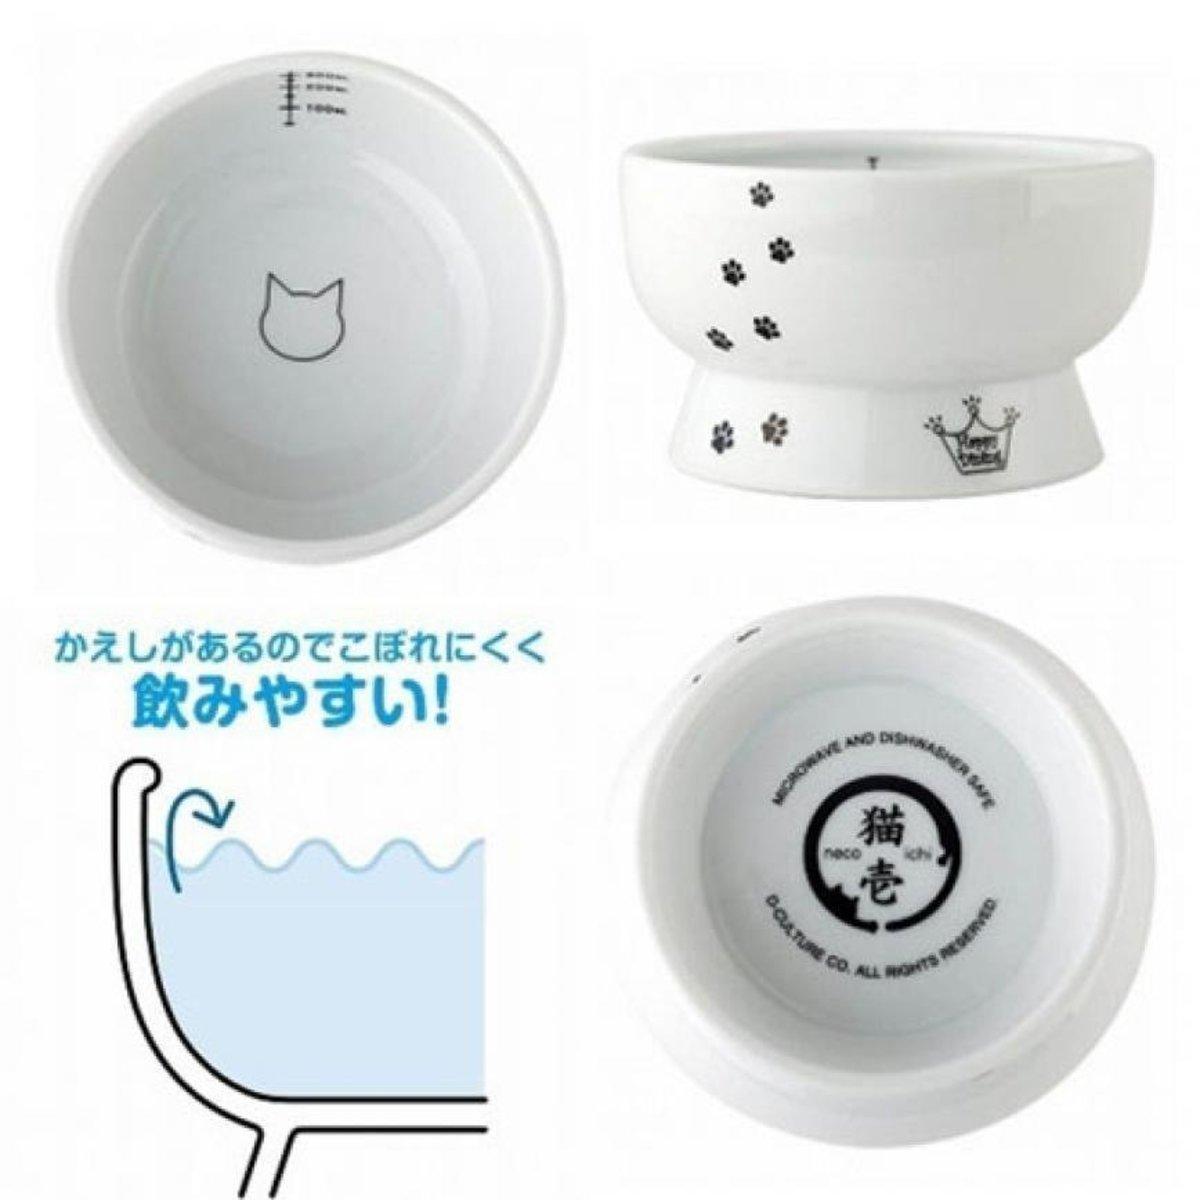 猫壱 necoichi ペット 陶瓷闊圓寵物水碗 (腳印款) (貓犬用)